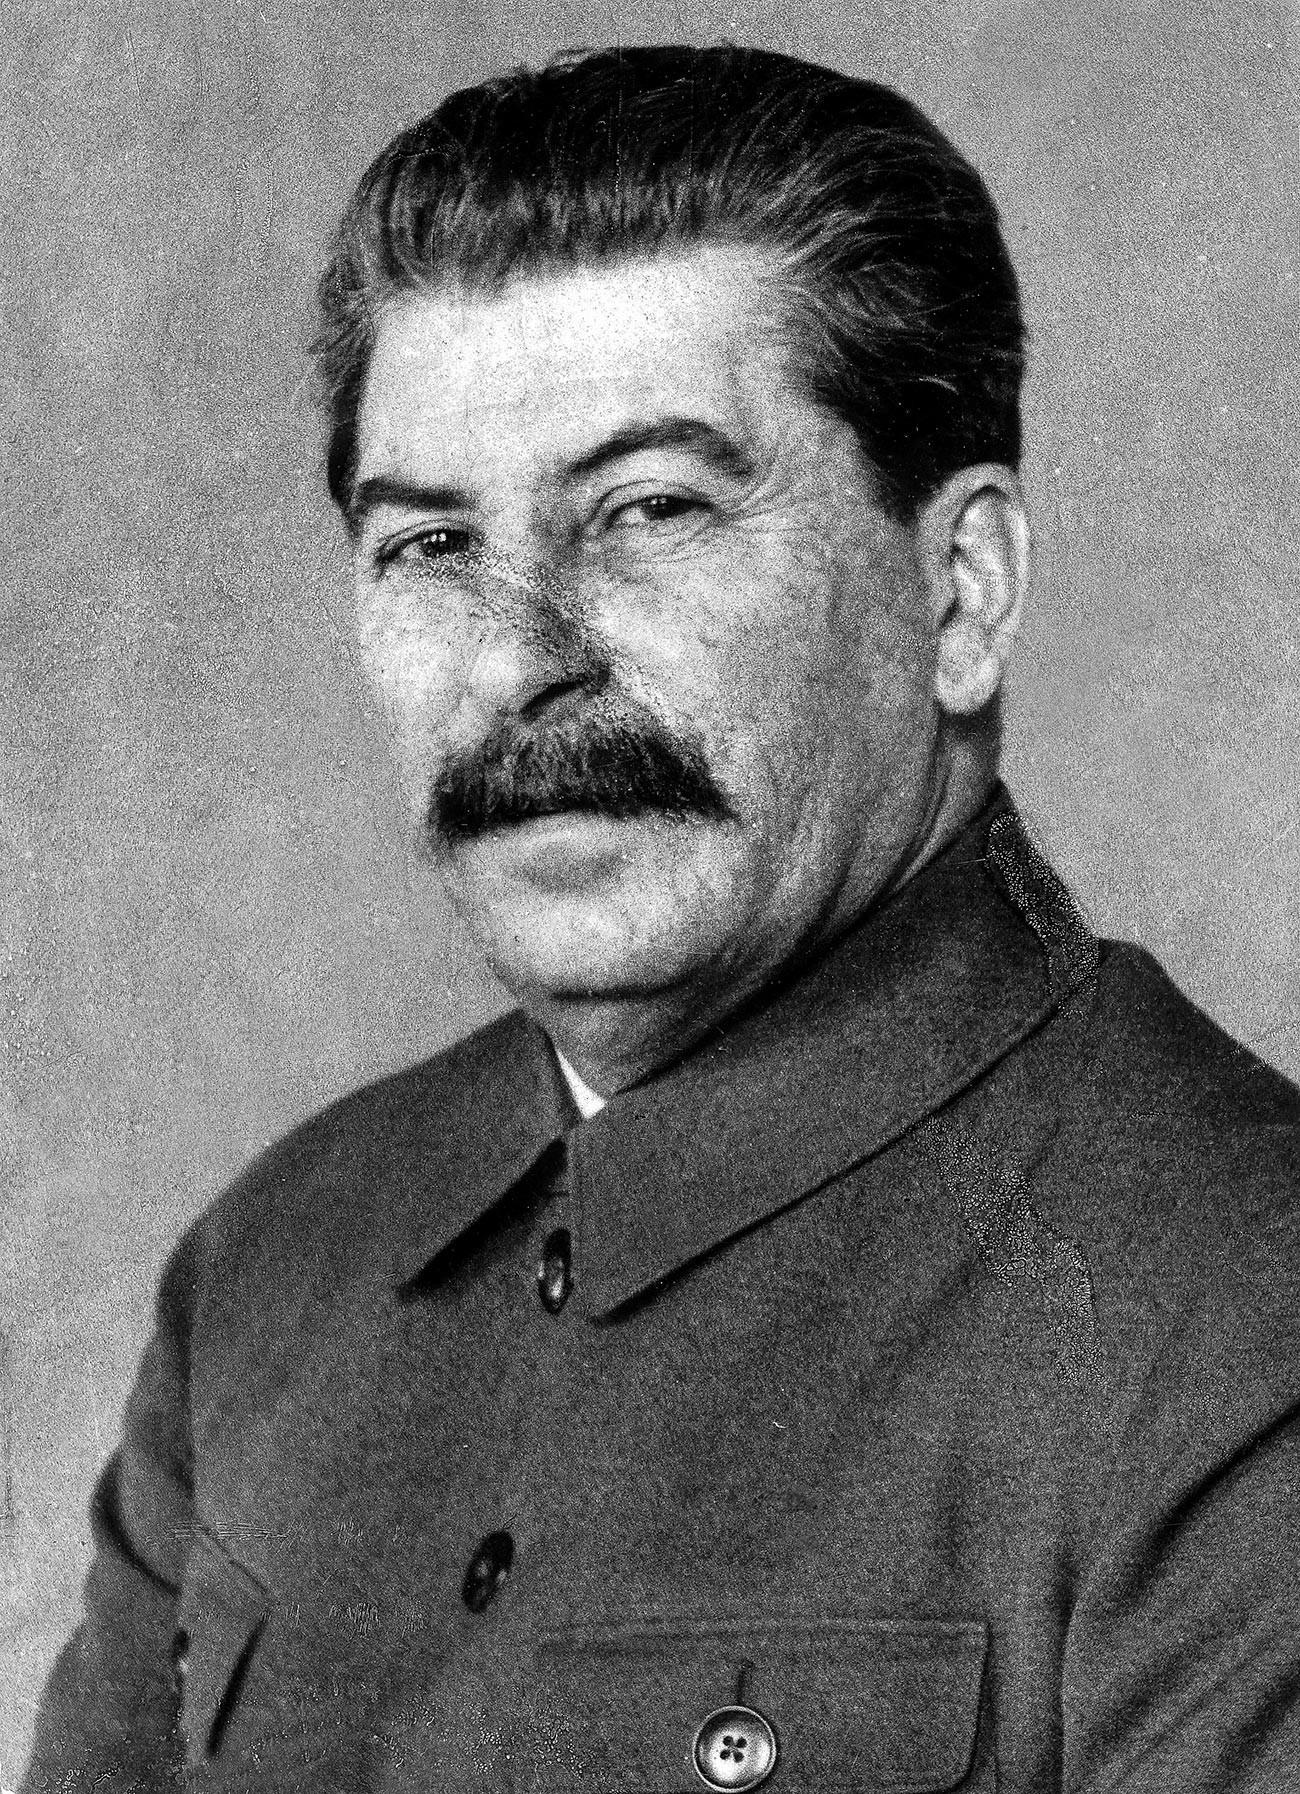 Ini adalah salah satu foto Stalin yang langka, yang memperlihatkan bopeng di wajahnya dengan jelas.